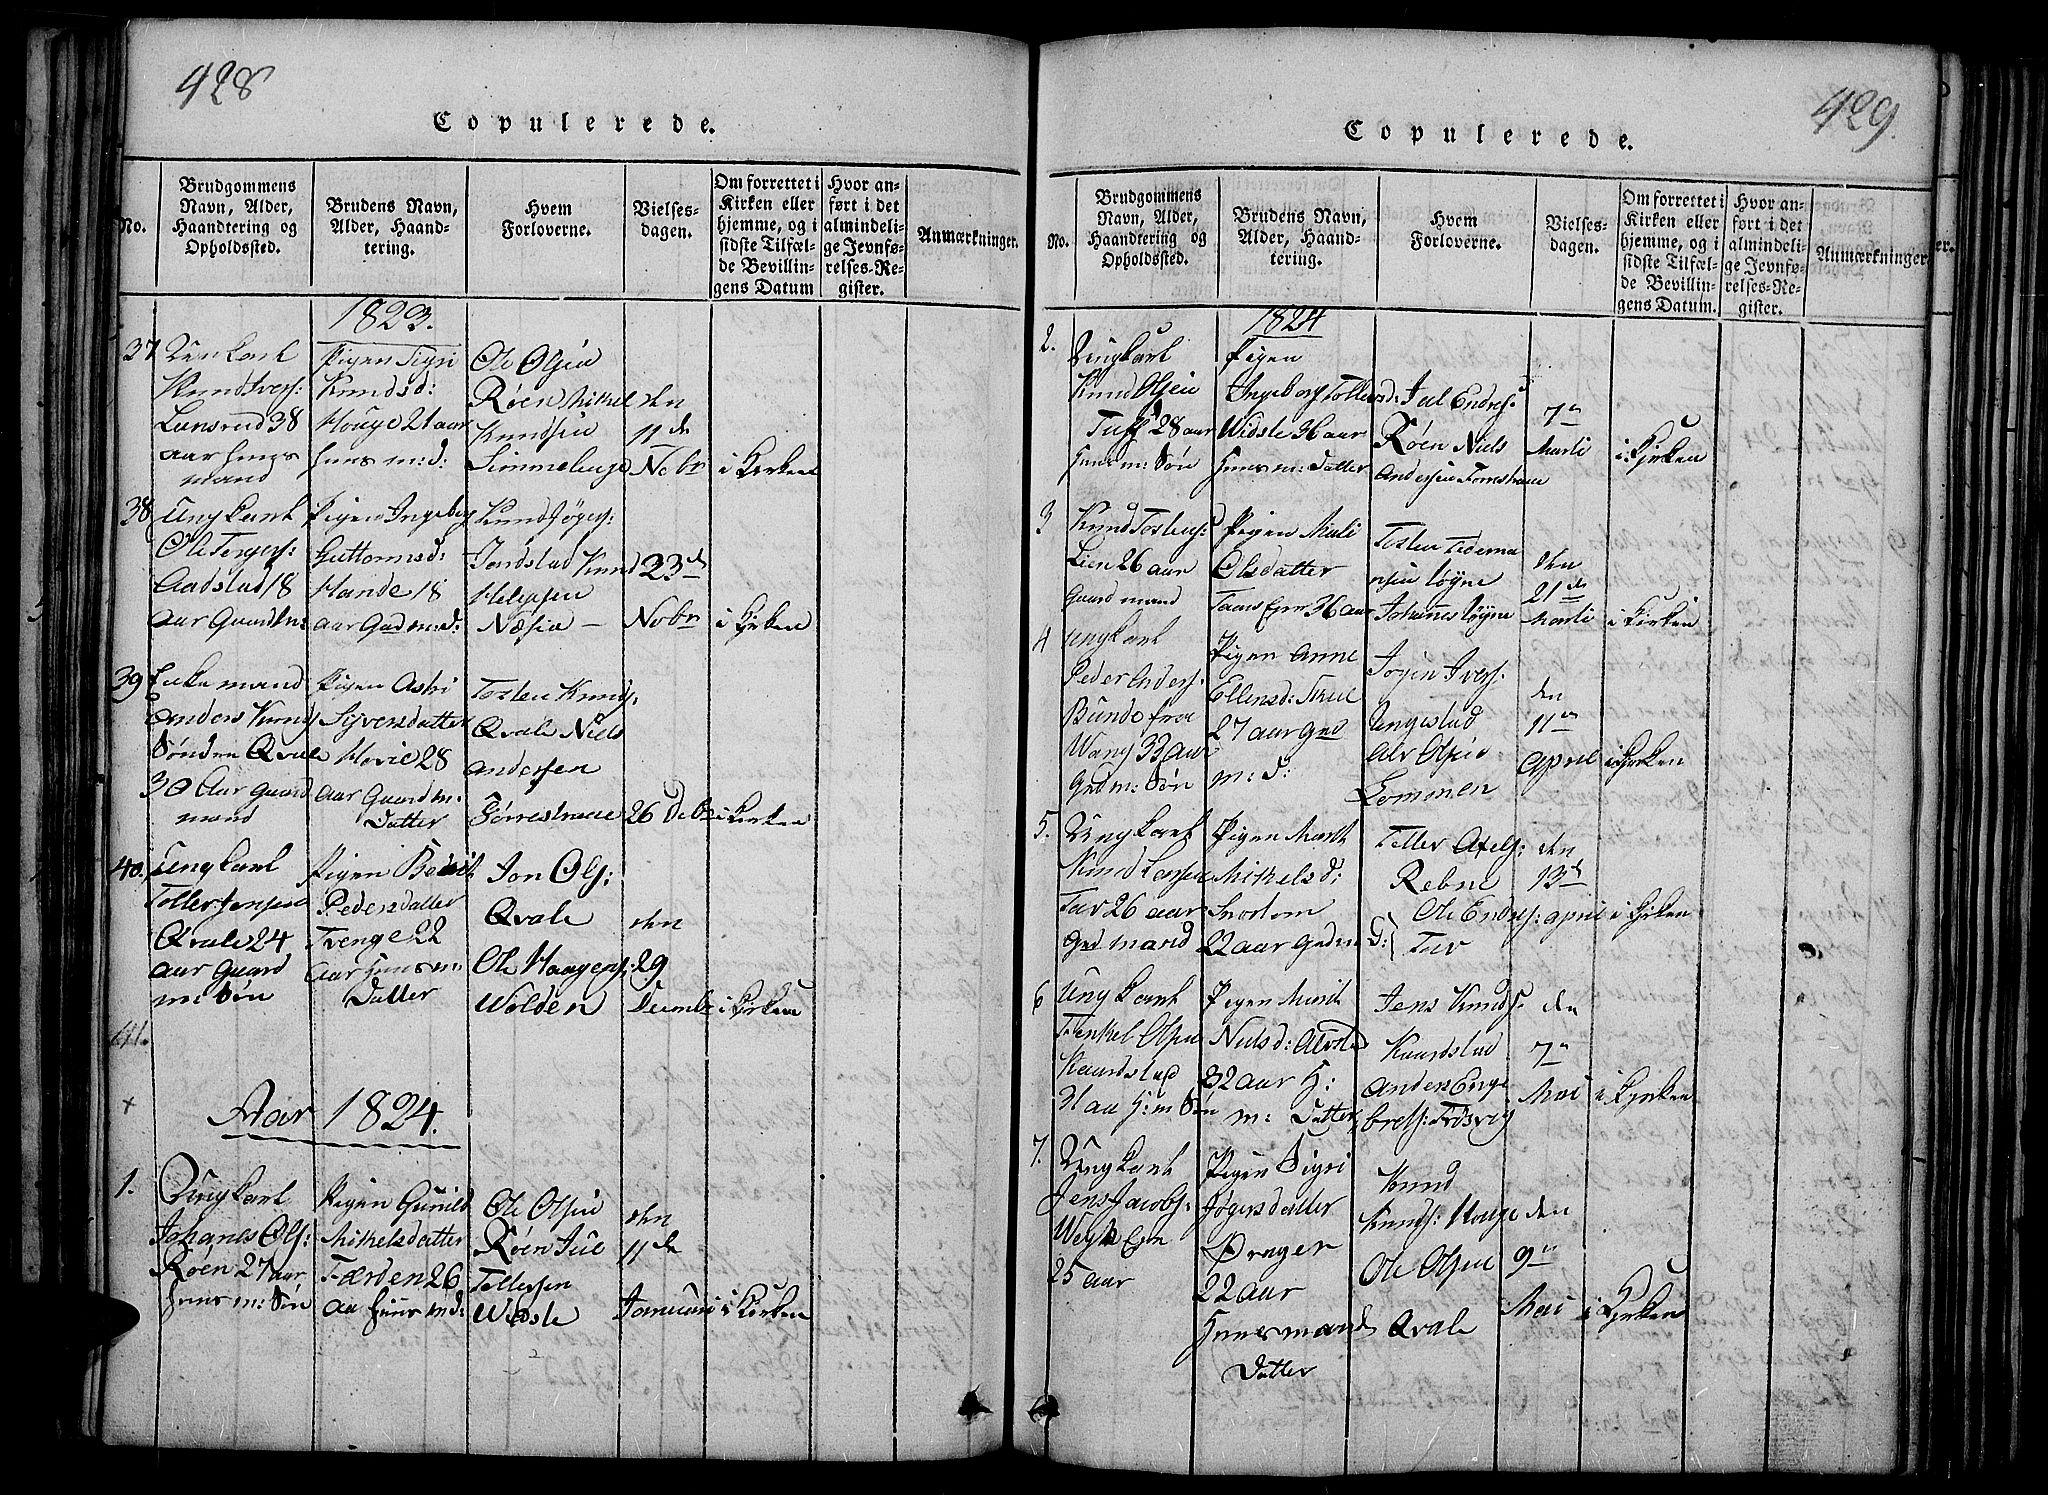 SAH, Slidre prestekontor, Ministerialbok nr. 2, 1814-1830, s. 428-429